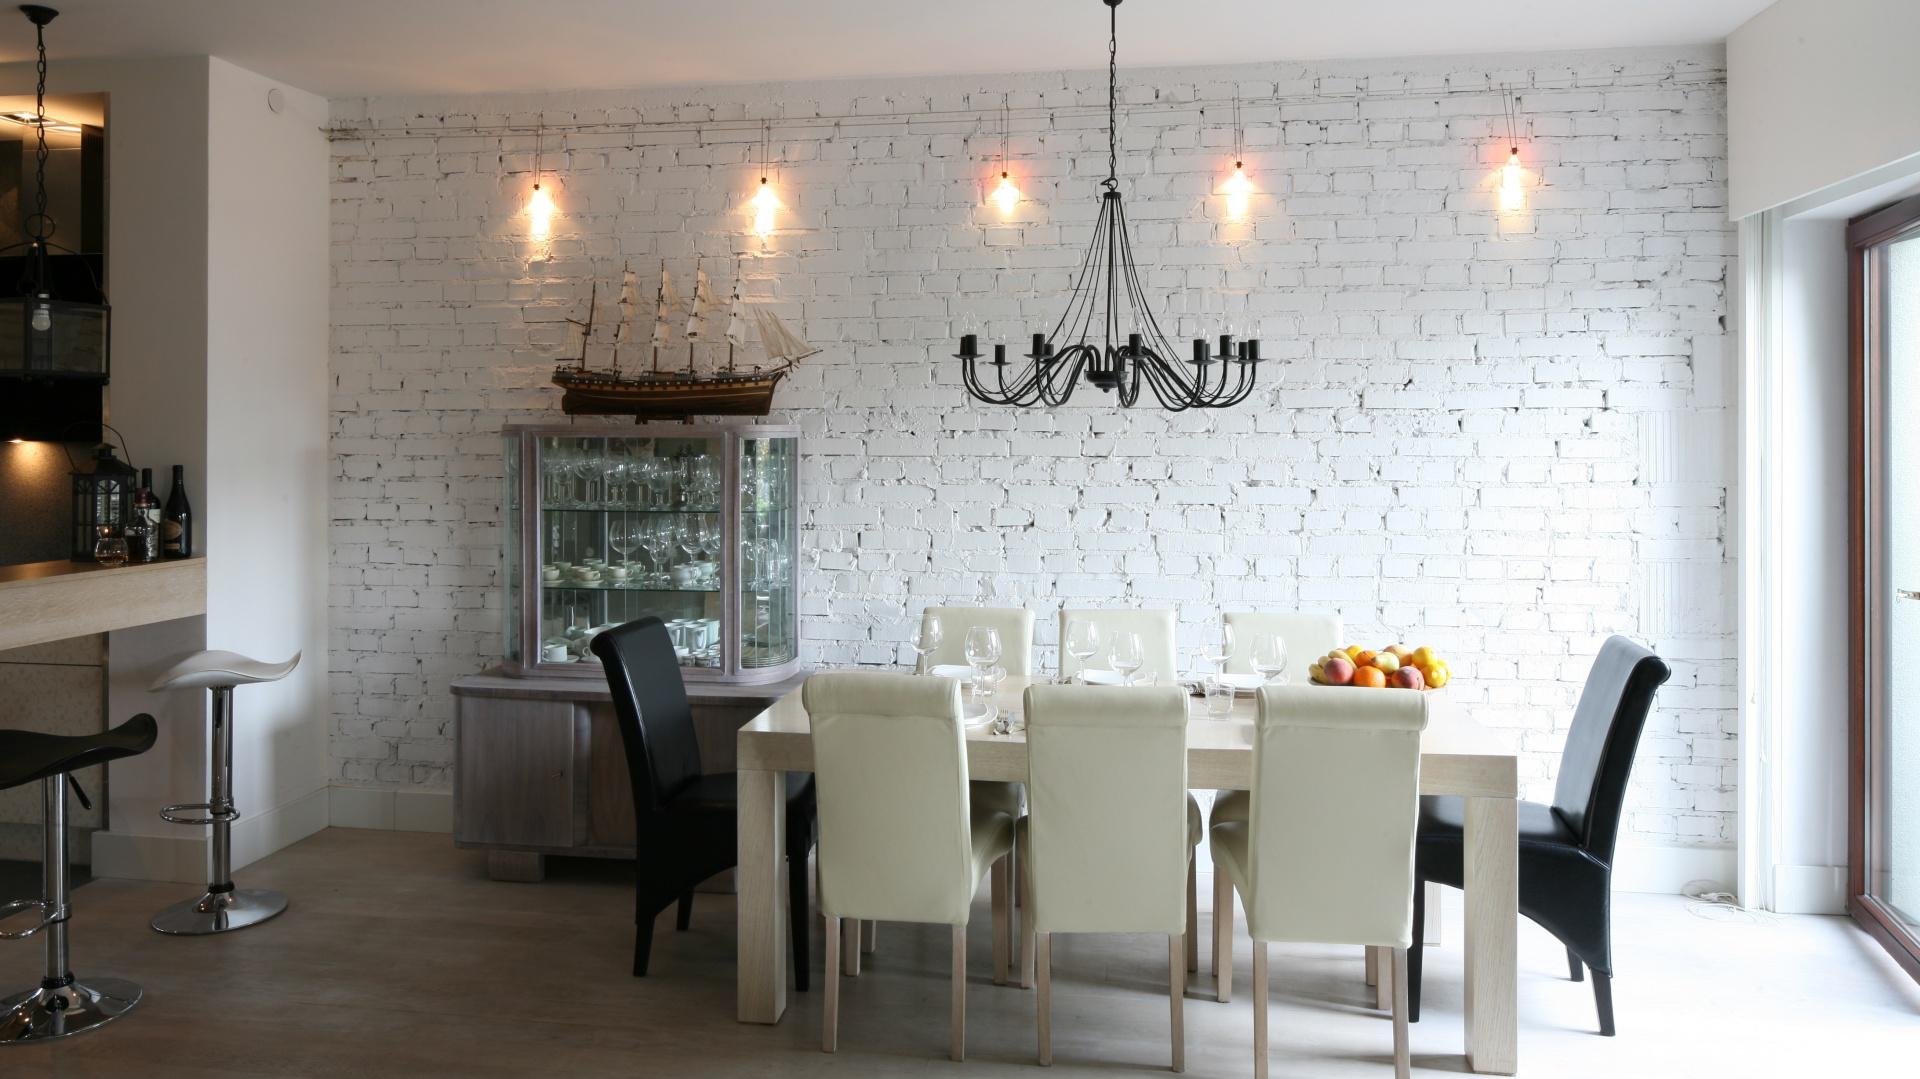 Ściana w jadalnie nie została otynkowana, a jedyne pomalowana na biały kolor, co nadało wnętrzu oryginalnego, ciekawego charakteru. Projekt: Monika Włodarczyk, Jarosław Jończyk. Fot. Bartosz Jarosz.